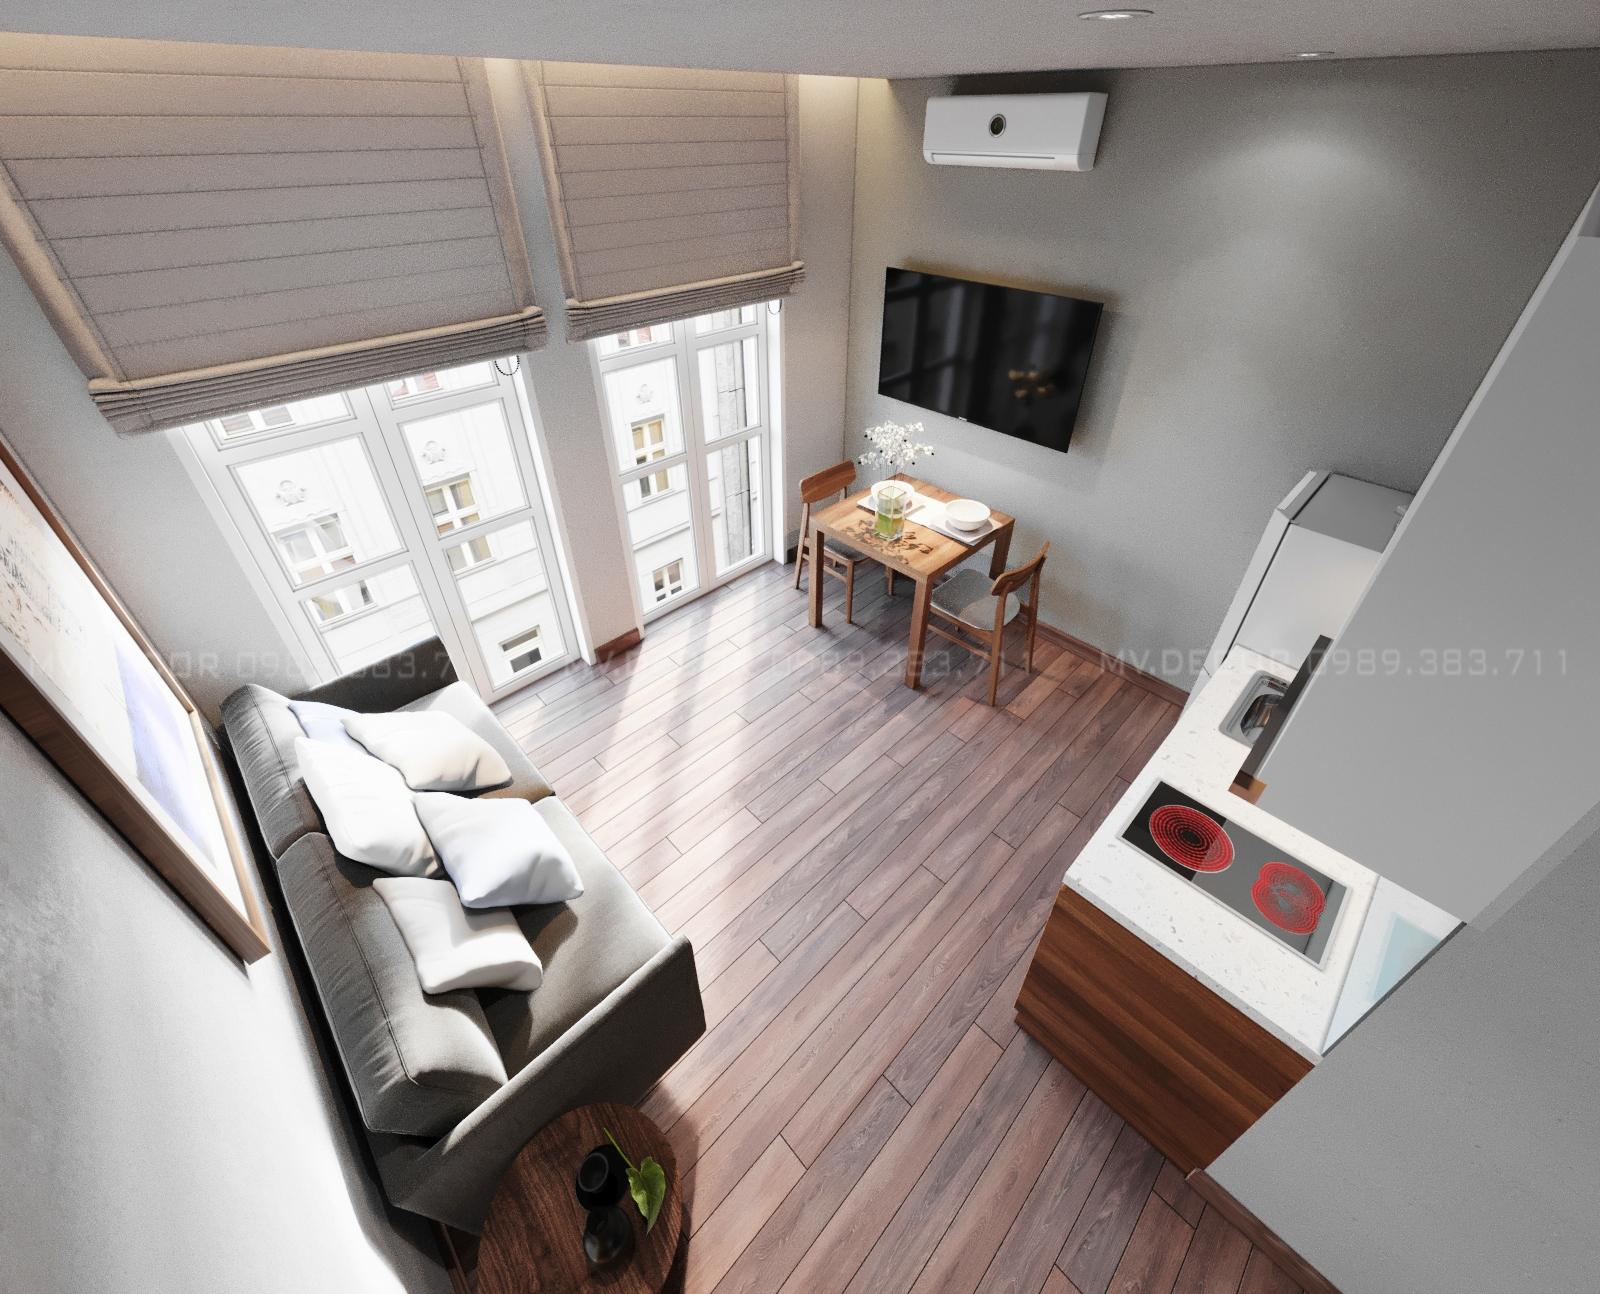 thiết kế nội thất Khách Sạn tại Hải Phòng căn hộ khách sạn cho thuê  11 1562943966